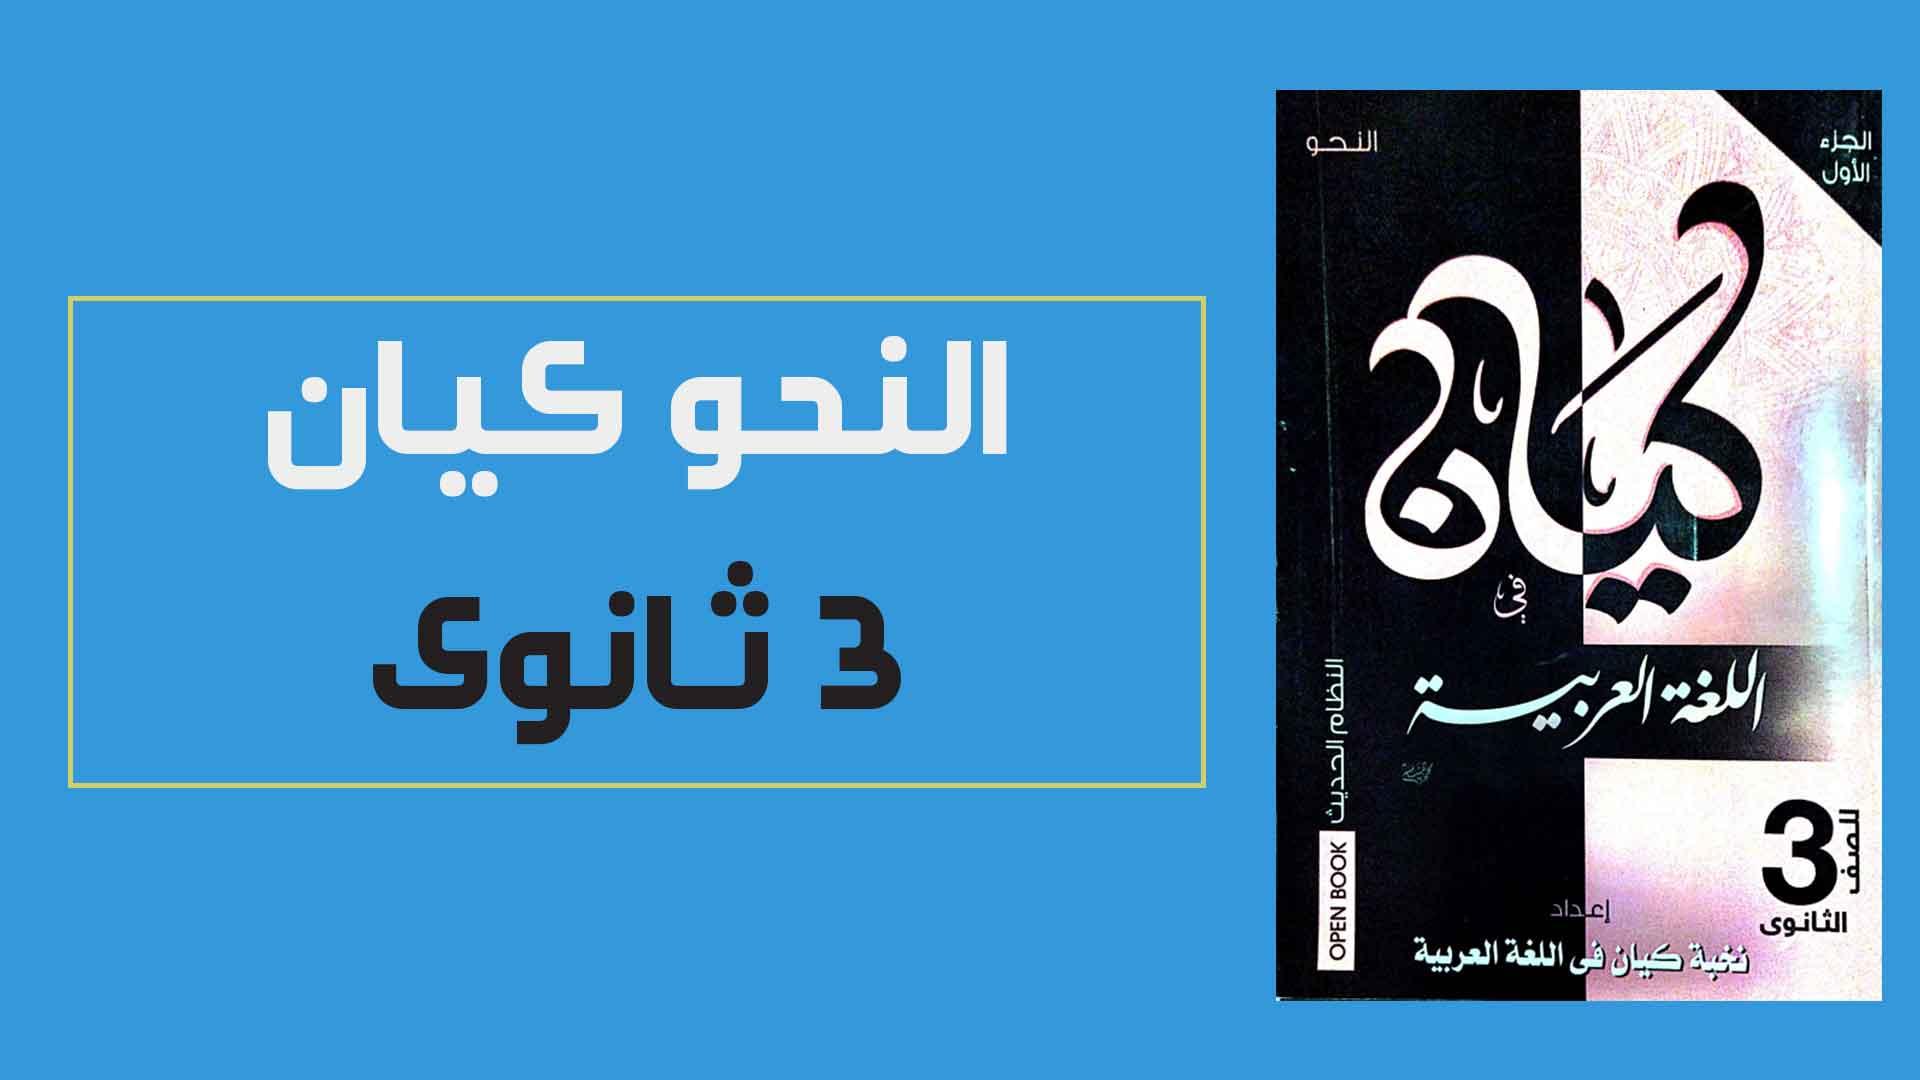 تحميل كتاب كيان فى اللغة العربية pdf للصف الثالث الثانوى 2022 (الجزء الاول:كتاب النحو كامل)